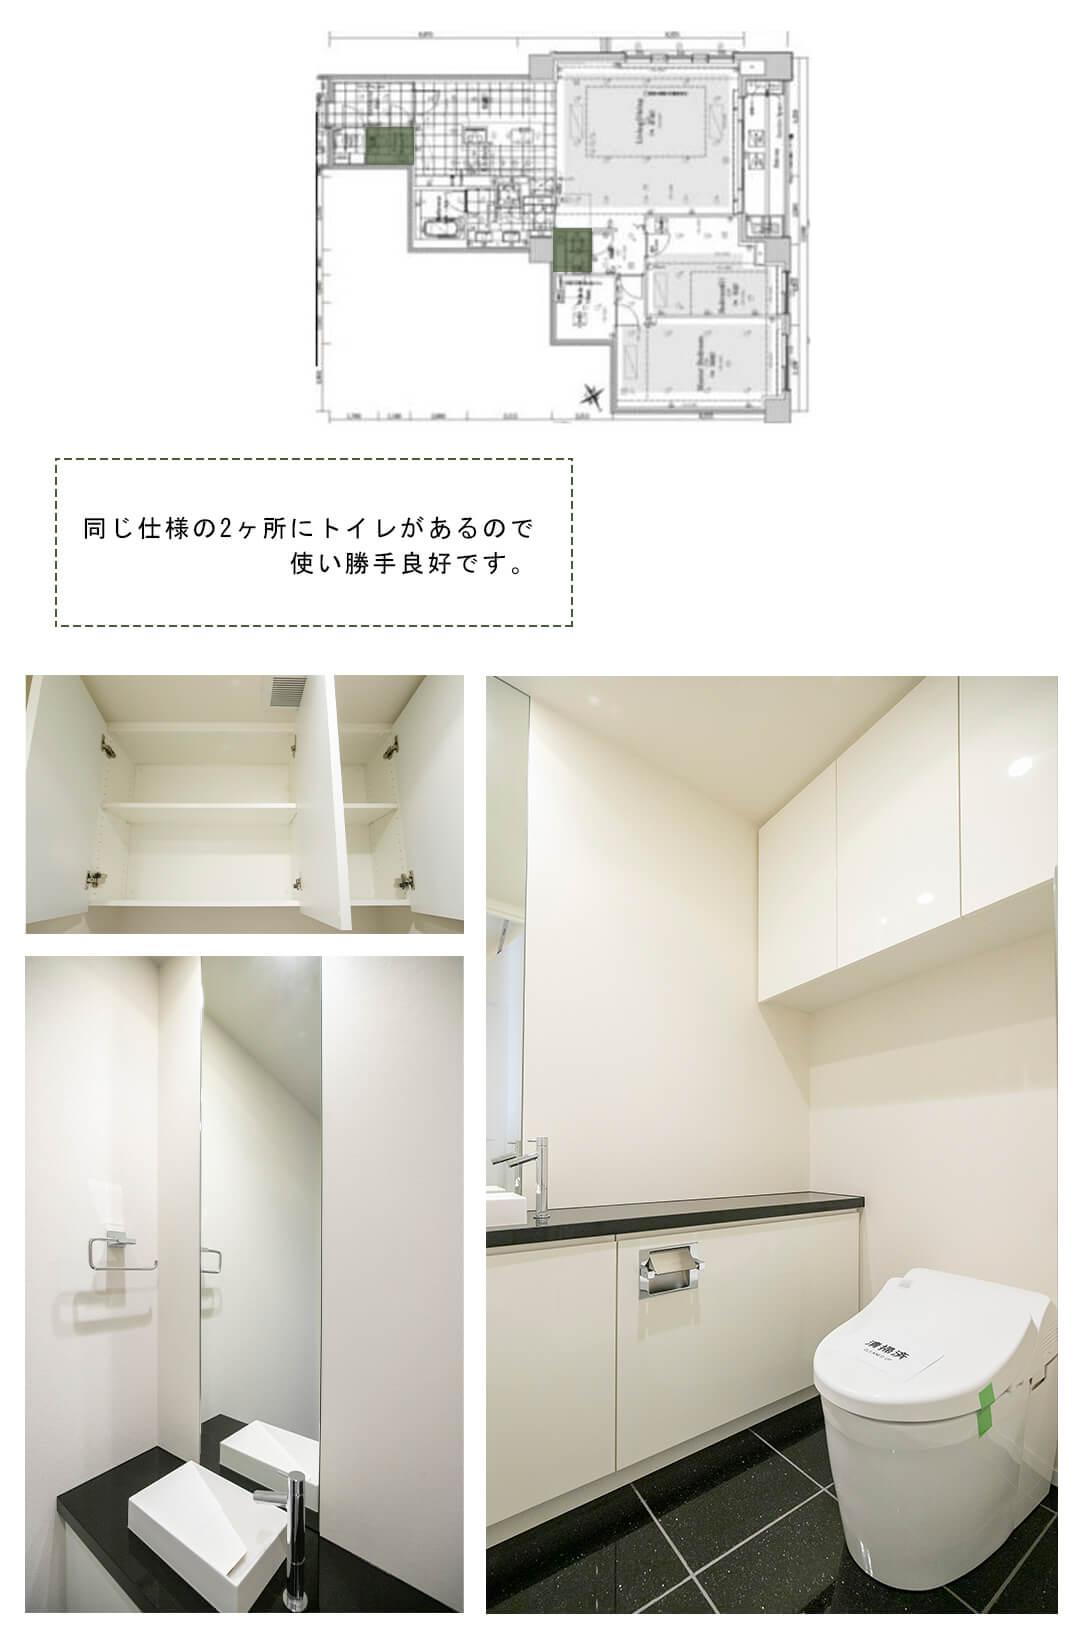 フォレセーヌ赤坂檜坂のトイレ